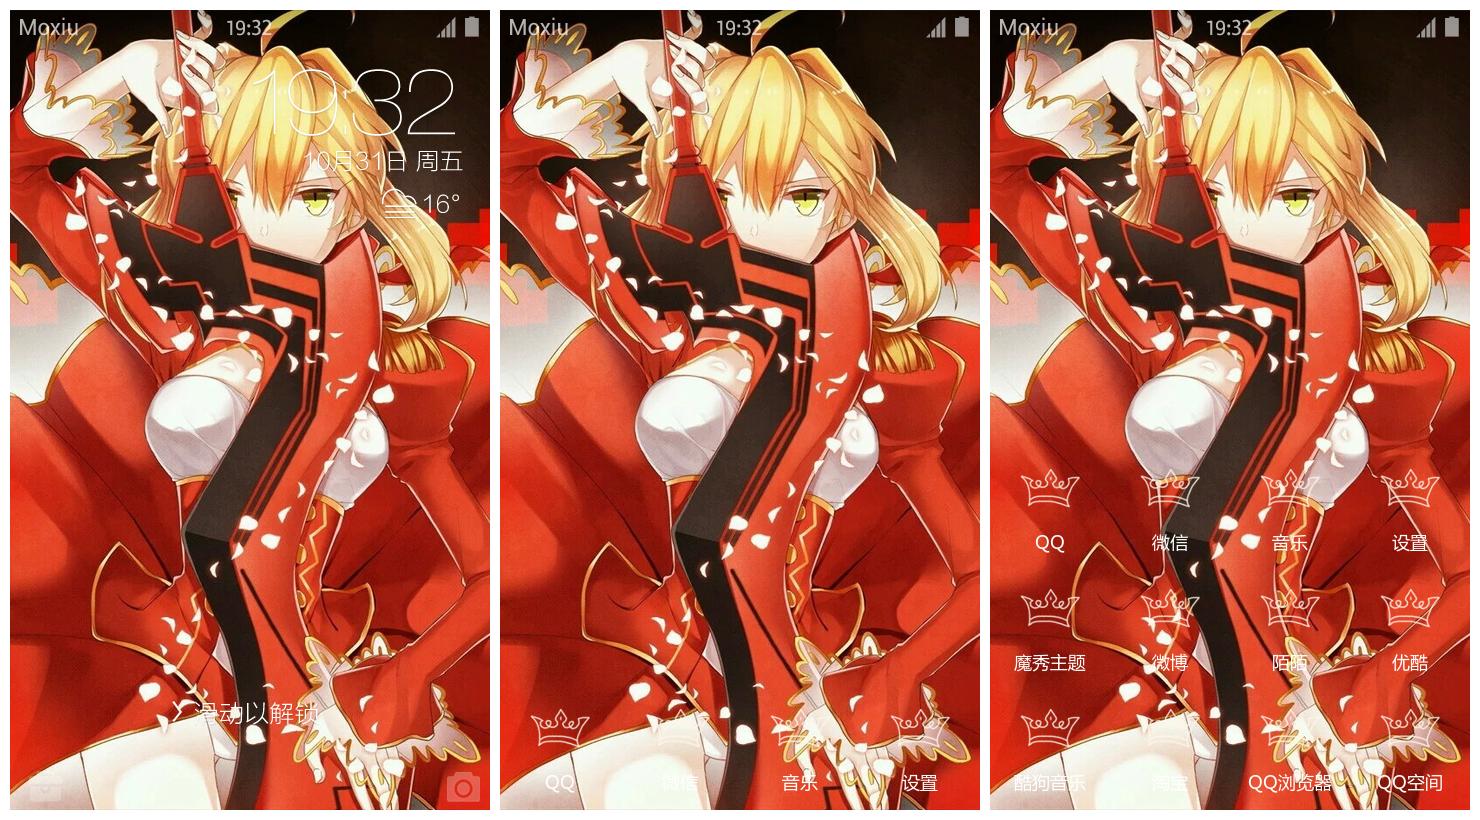 Fate手机主题,尼禄手机主题,动漫手机主题